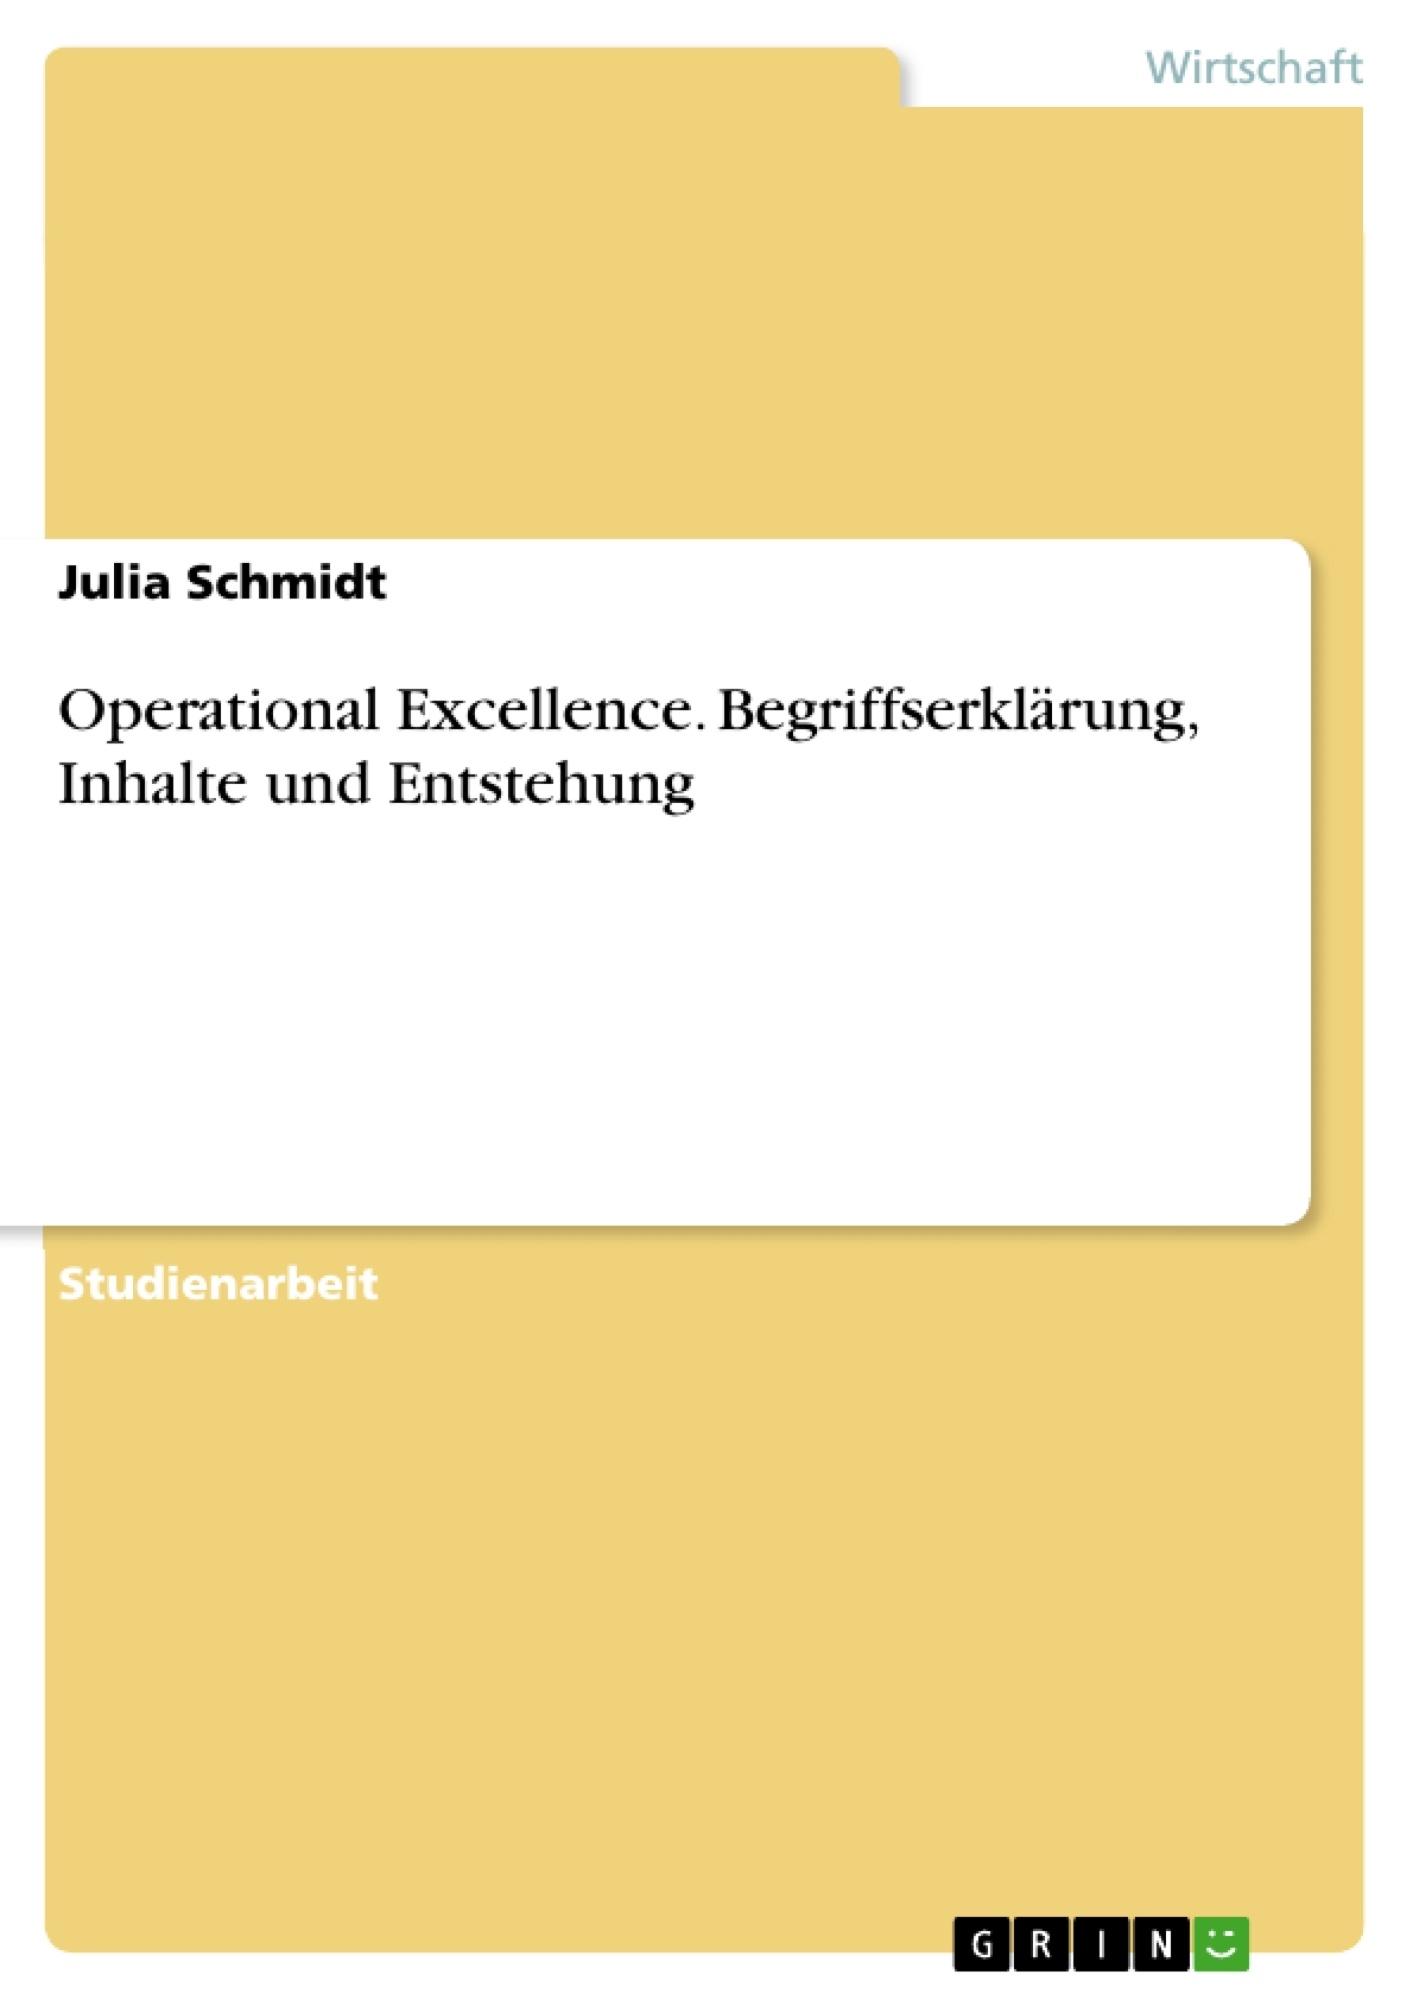 Titel: Operational Excellence. Begriffserklärung, Inhalte und Entstehung